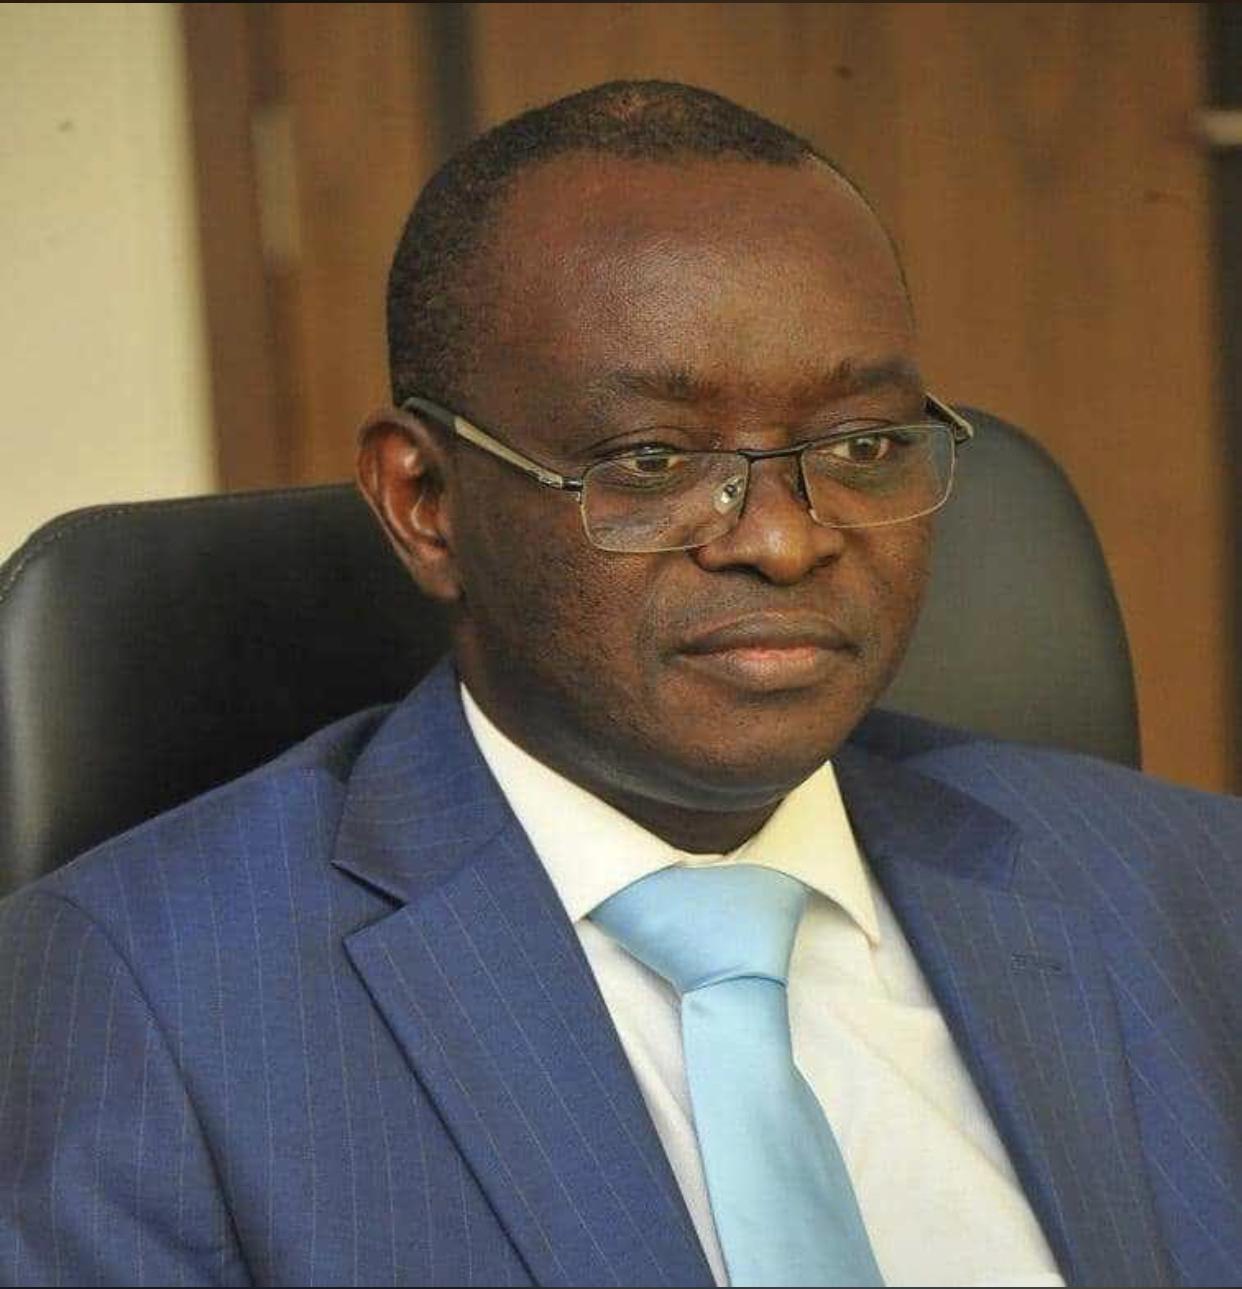 Nécrologie : Décès du SG du ministère de l'Economie, Pierre Ndiaye emporté par la Covid-19.